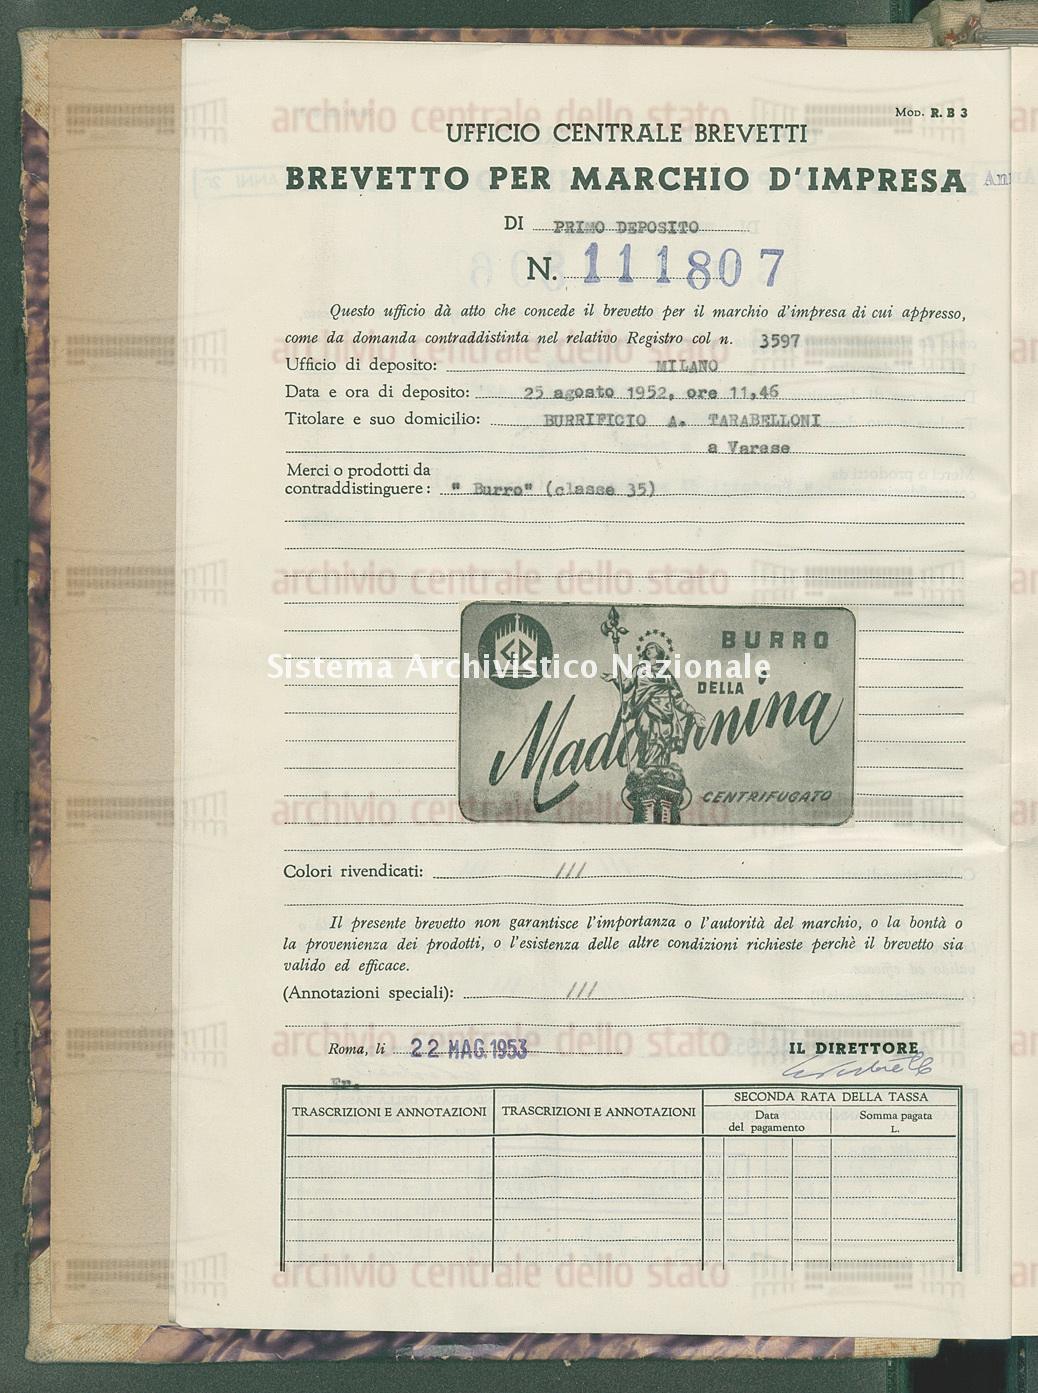 'Burro' Burrificio A.Tarabelloni (22/05/1953)